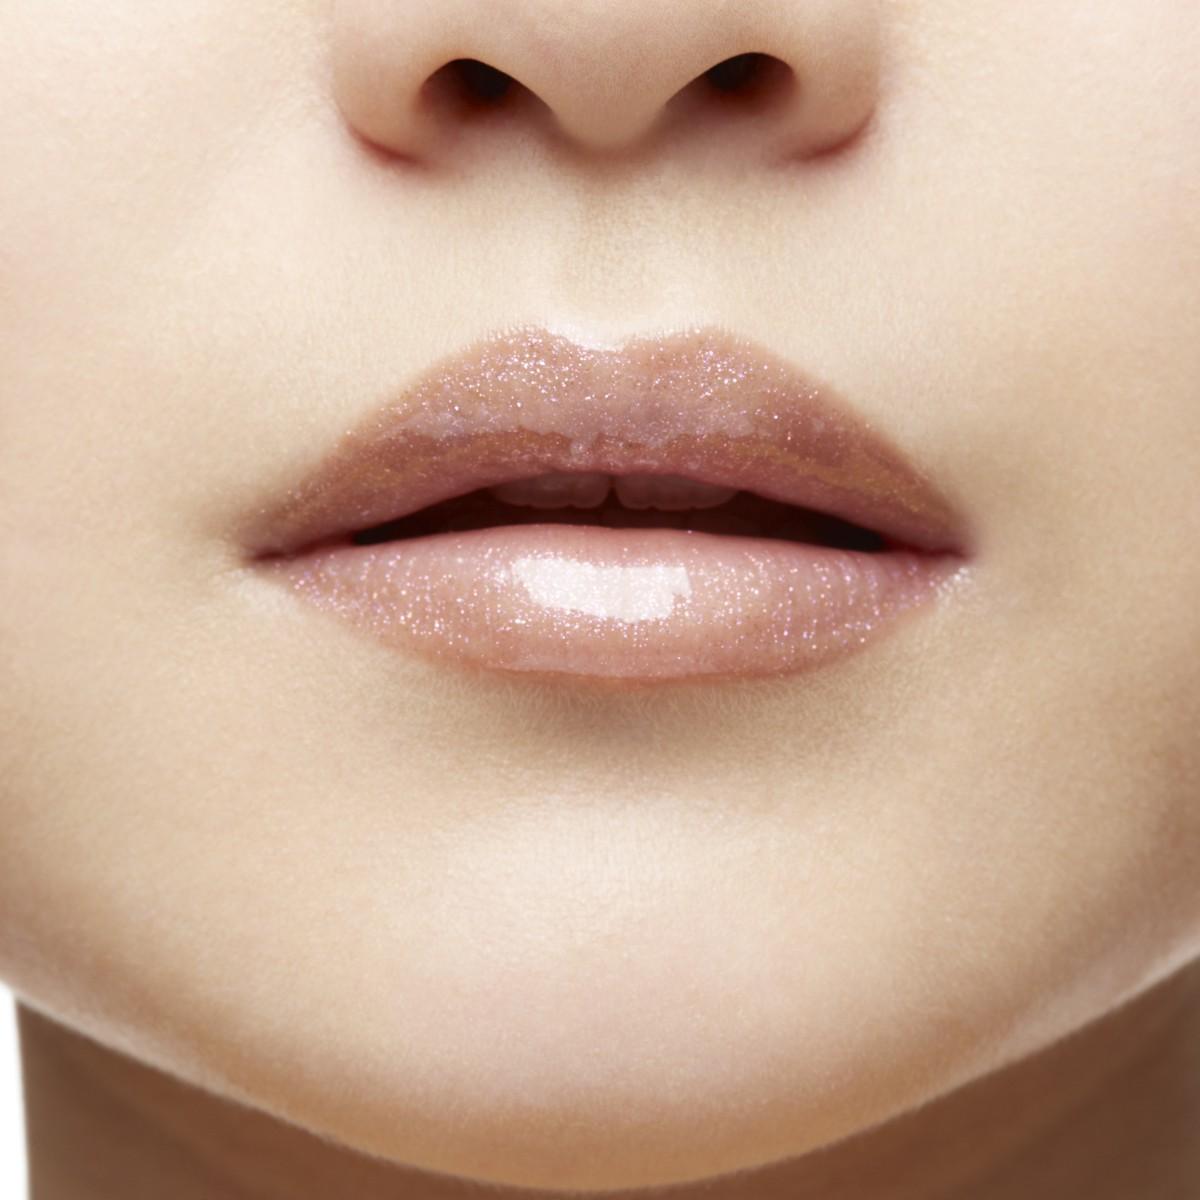 Beauté - Doracandy Loubilaque Lip Gloss - Christian Louboutin